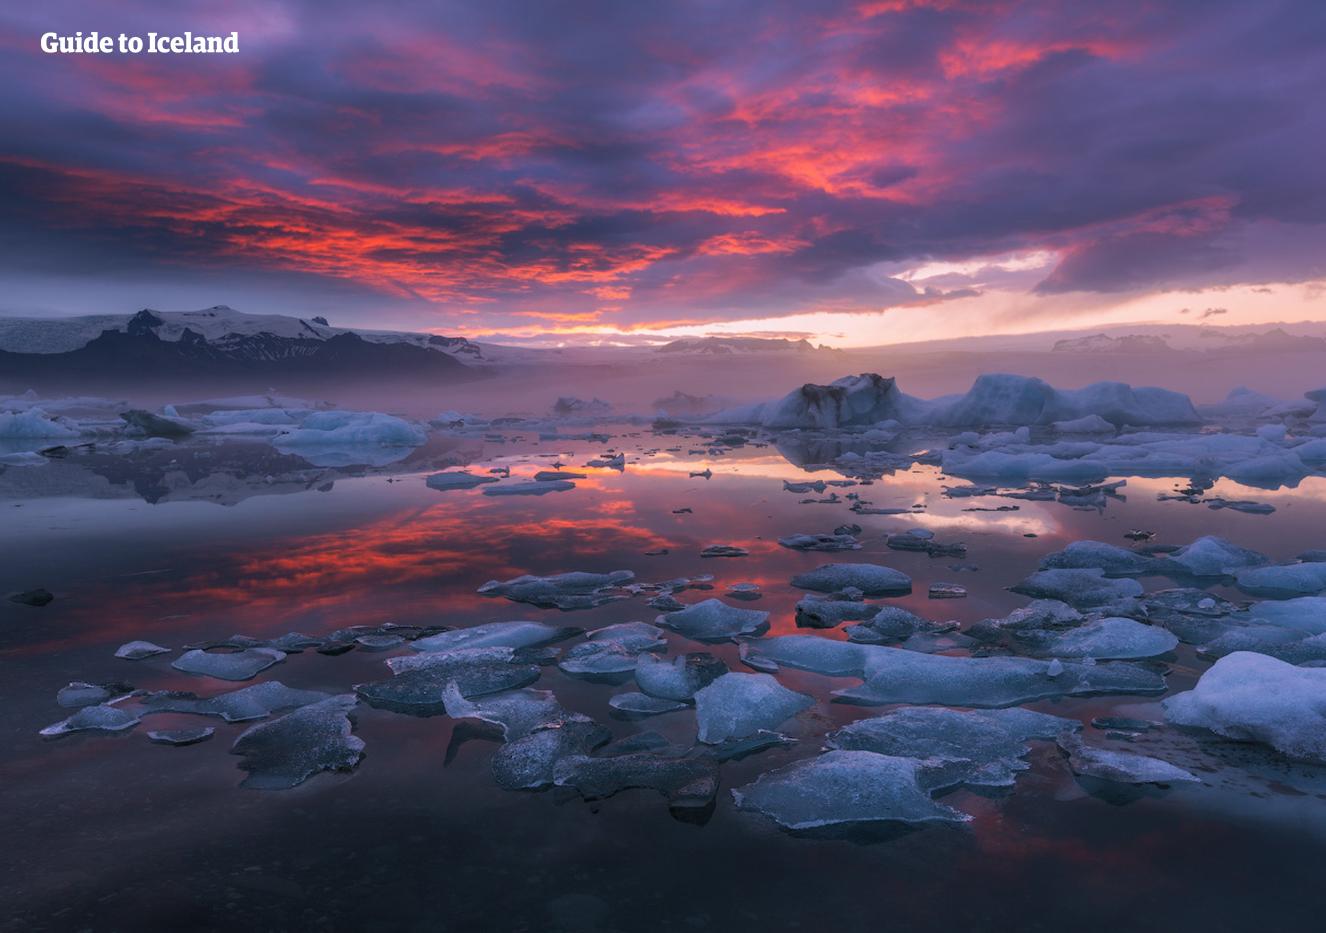 ทะเลสาบธารน้ำแข็งโจกุลซาลอนเป็นหนึ่งในสถานที่ท่องเที่ยวทางธรรมชาติที่สวยที่สุดในประเทศไอซ์แลนด์.